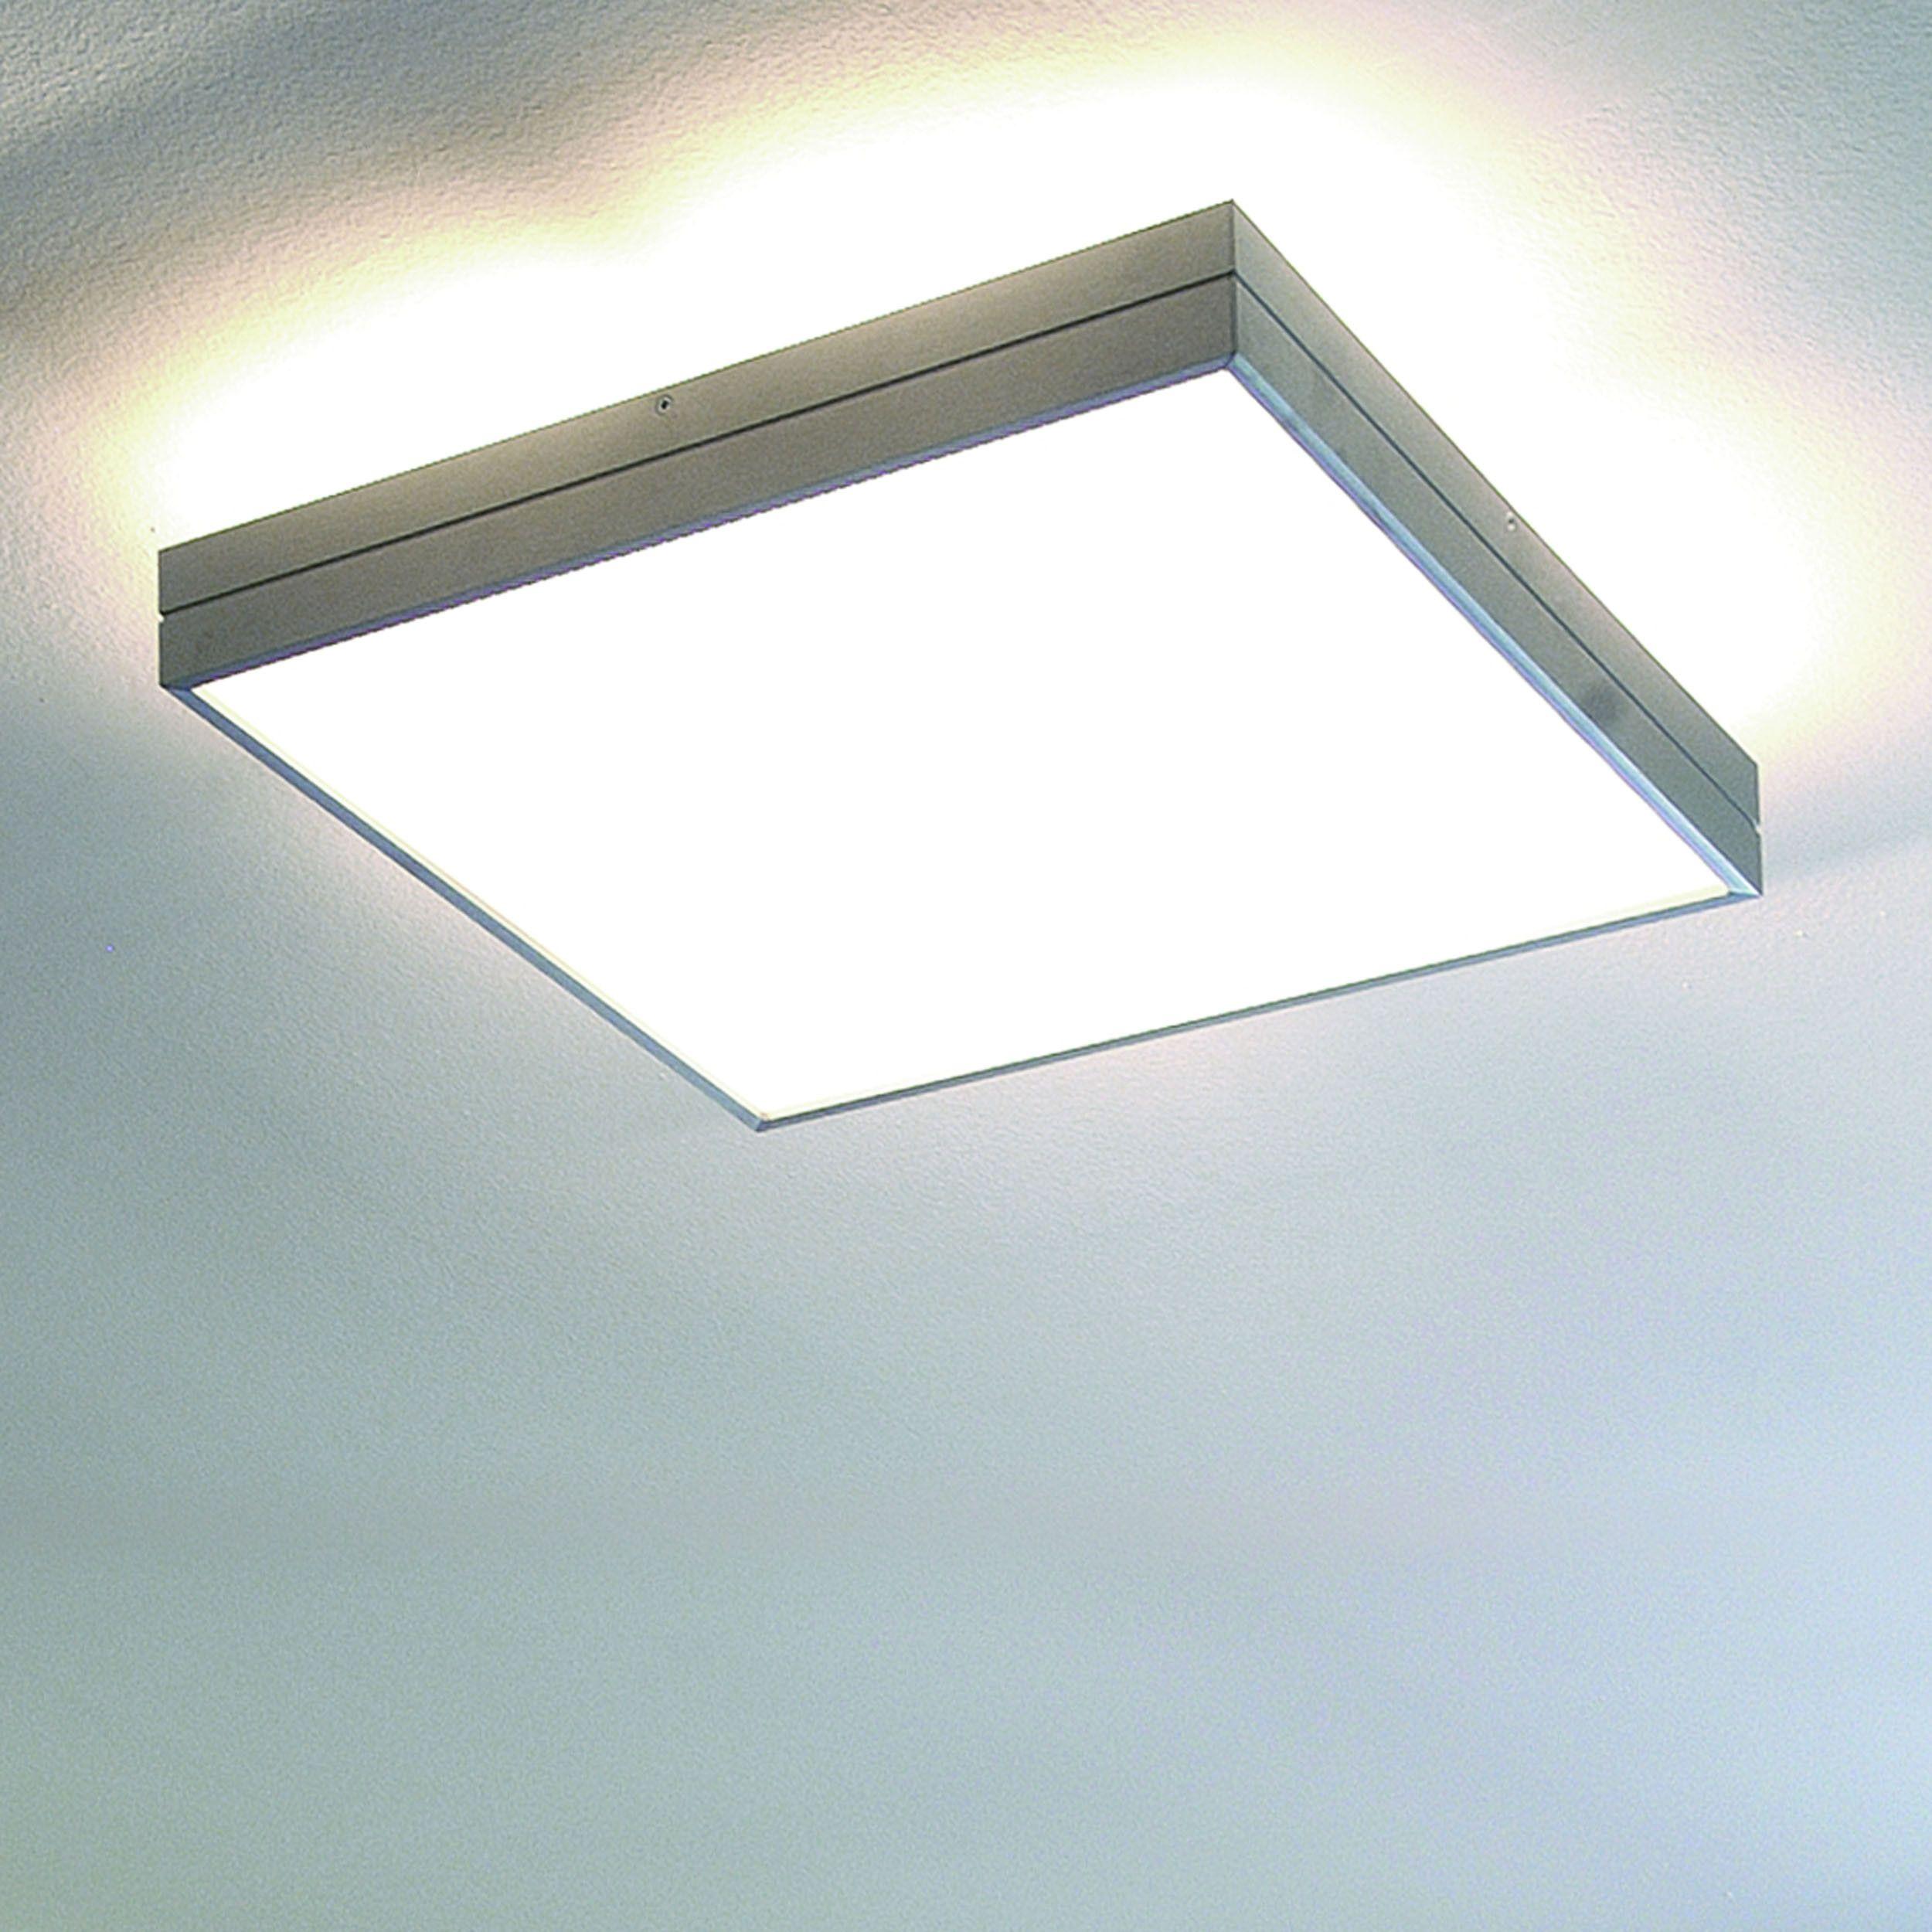 Linea 37 Led Deckenleuchte A046819 000 Online Kaufen Bei Woonio Led Deckenleuchte Led Deckenlampe